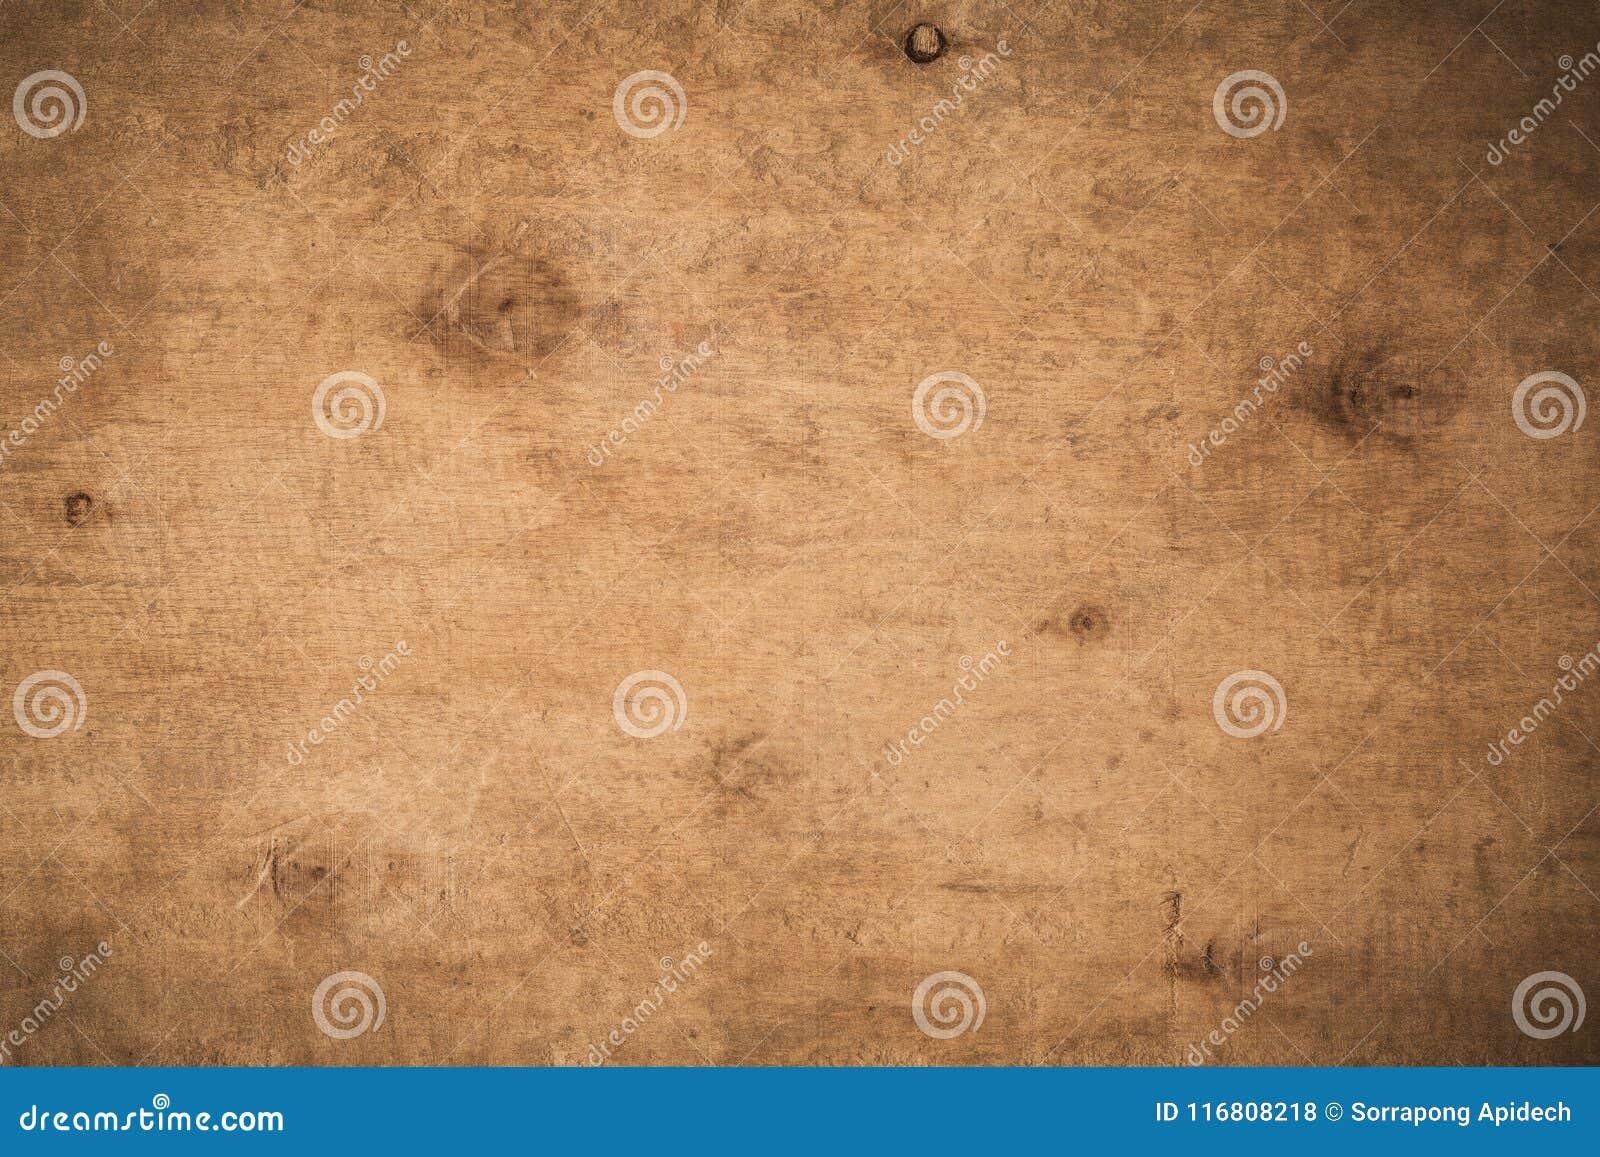 Fundo de madeira textured escuro do grunge velho, a superfície do ol